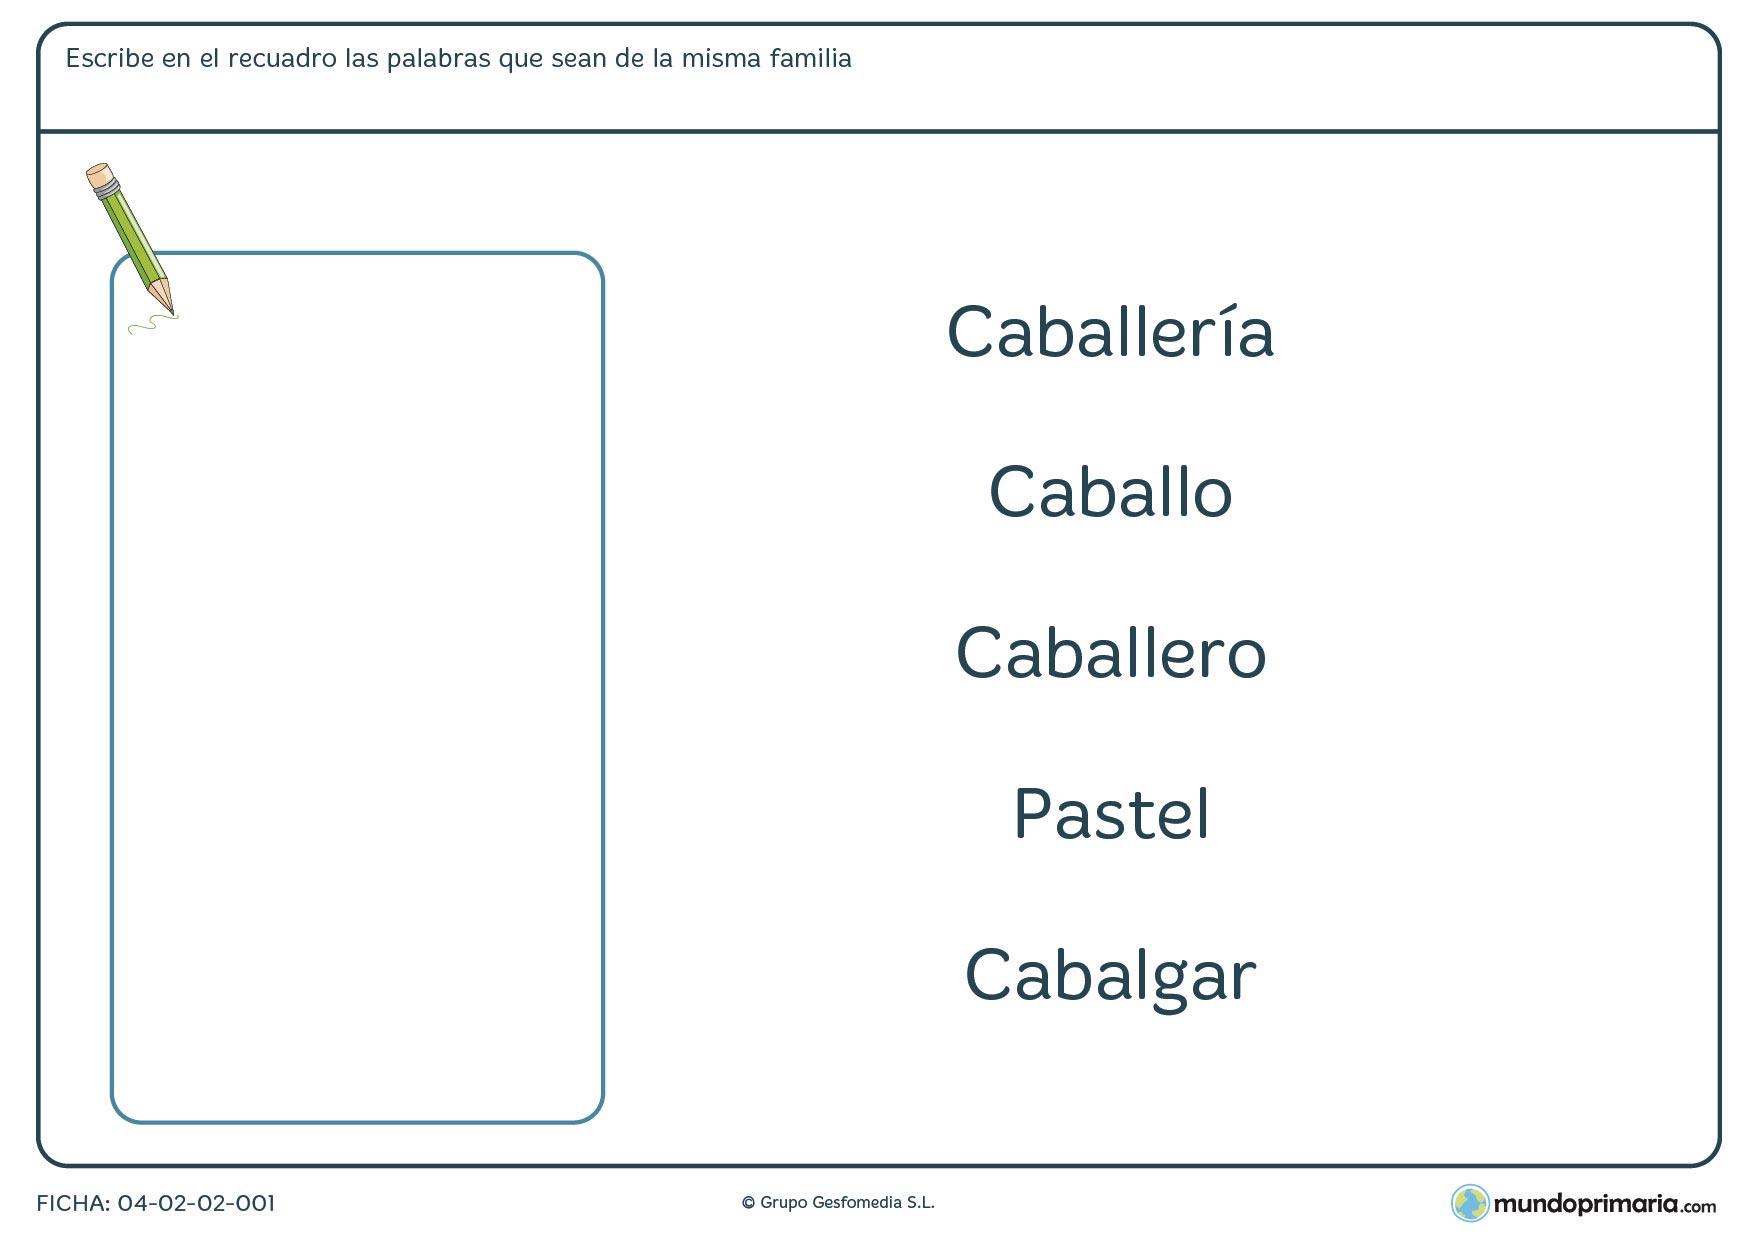 Ficha de familias de palabras en la que has de seleccionar entre varias palabras las que pertenecen a una misma familia.